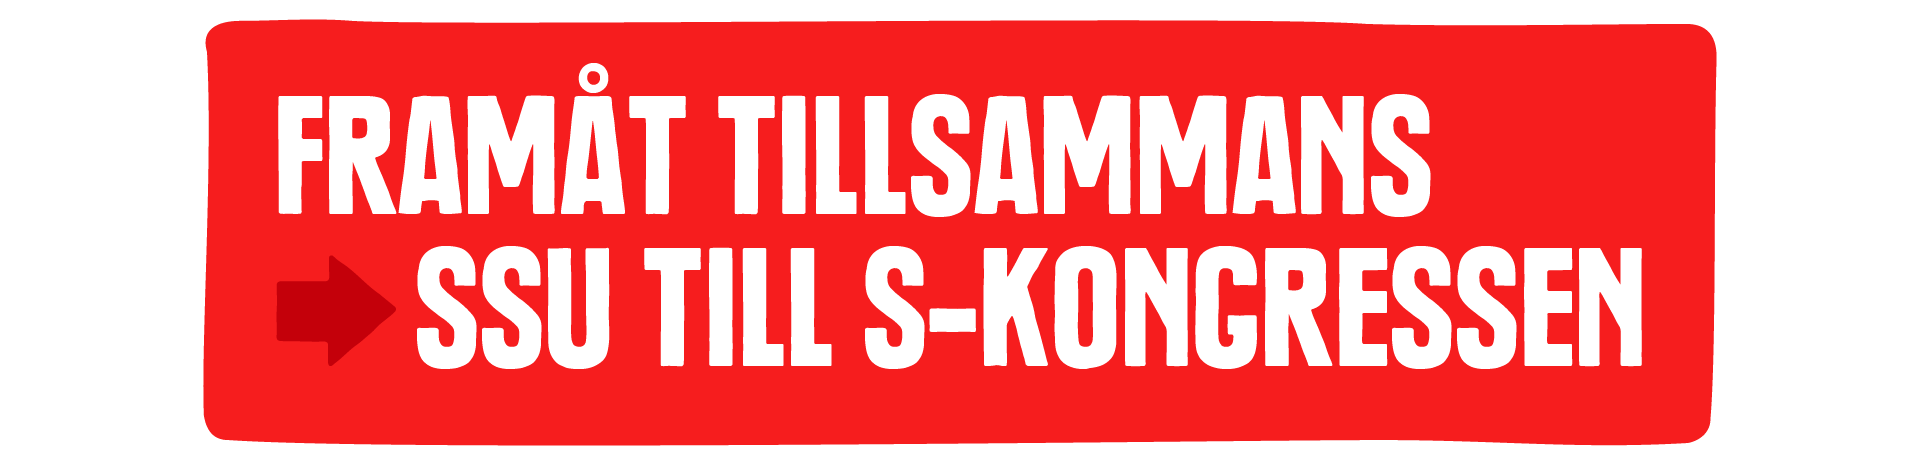 Kampanjbild